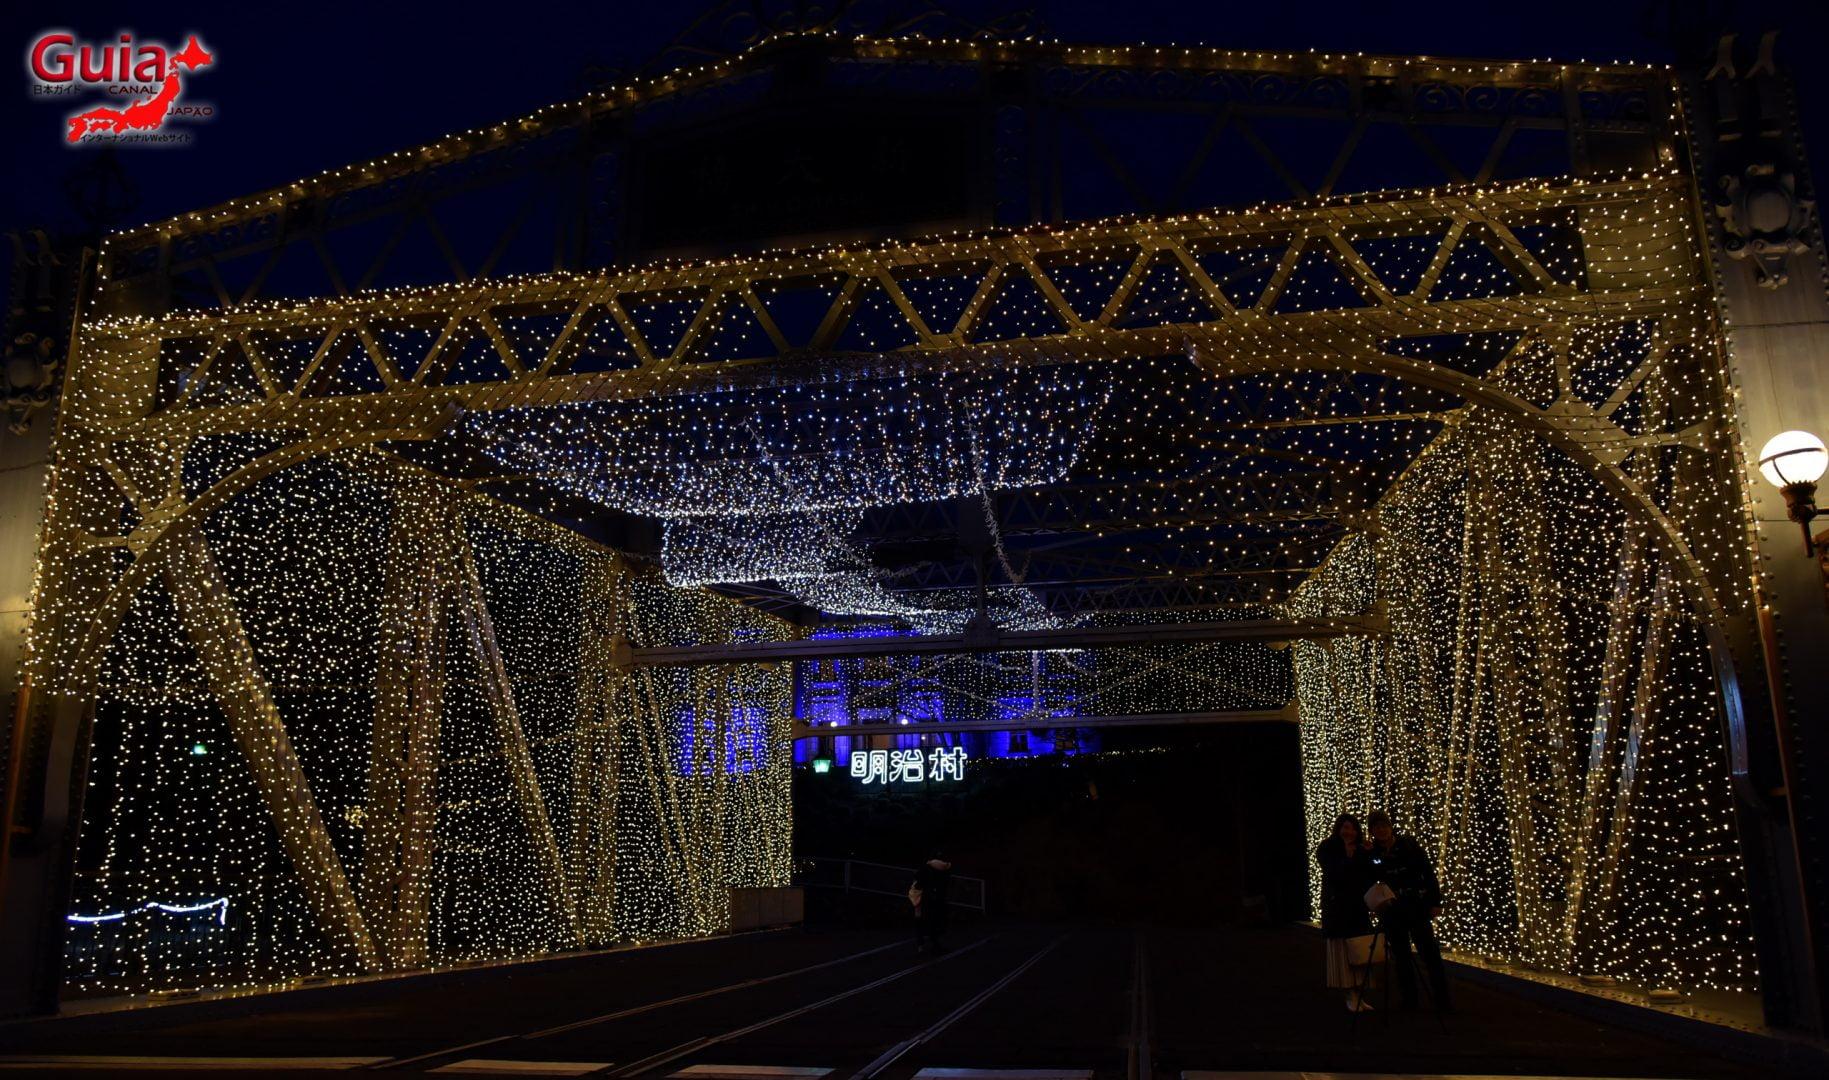 Мэйжи-Мура музей - Баярын гэрэлтүүлэг 13